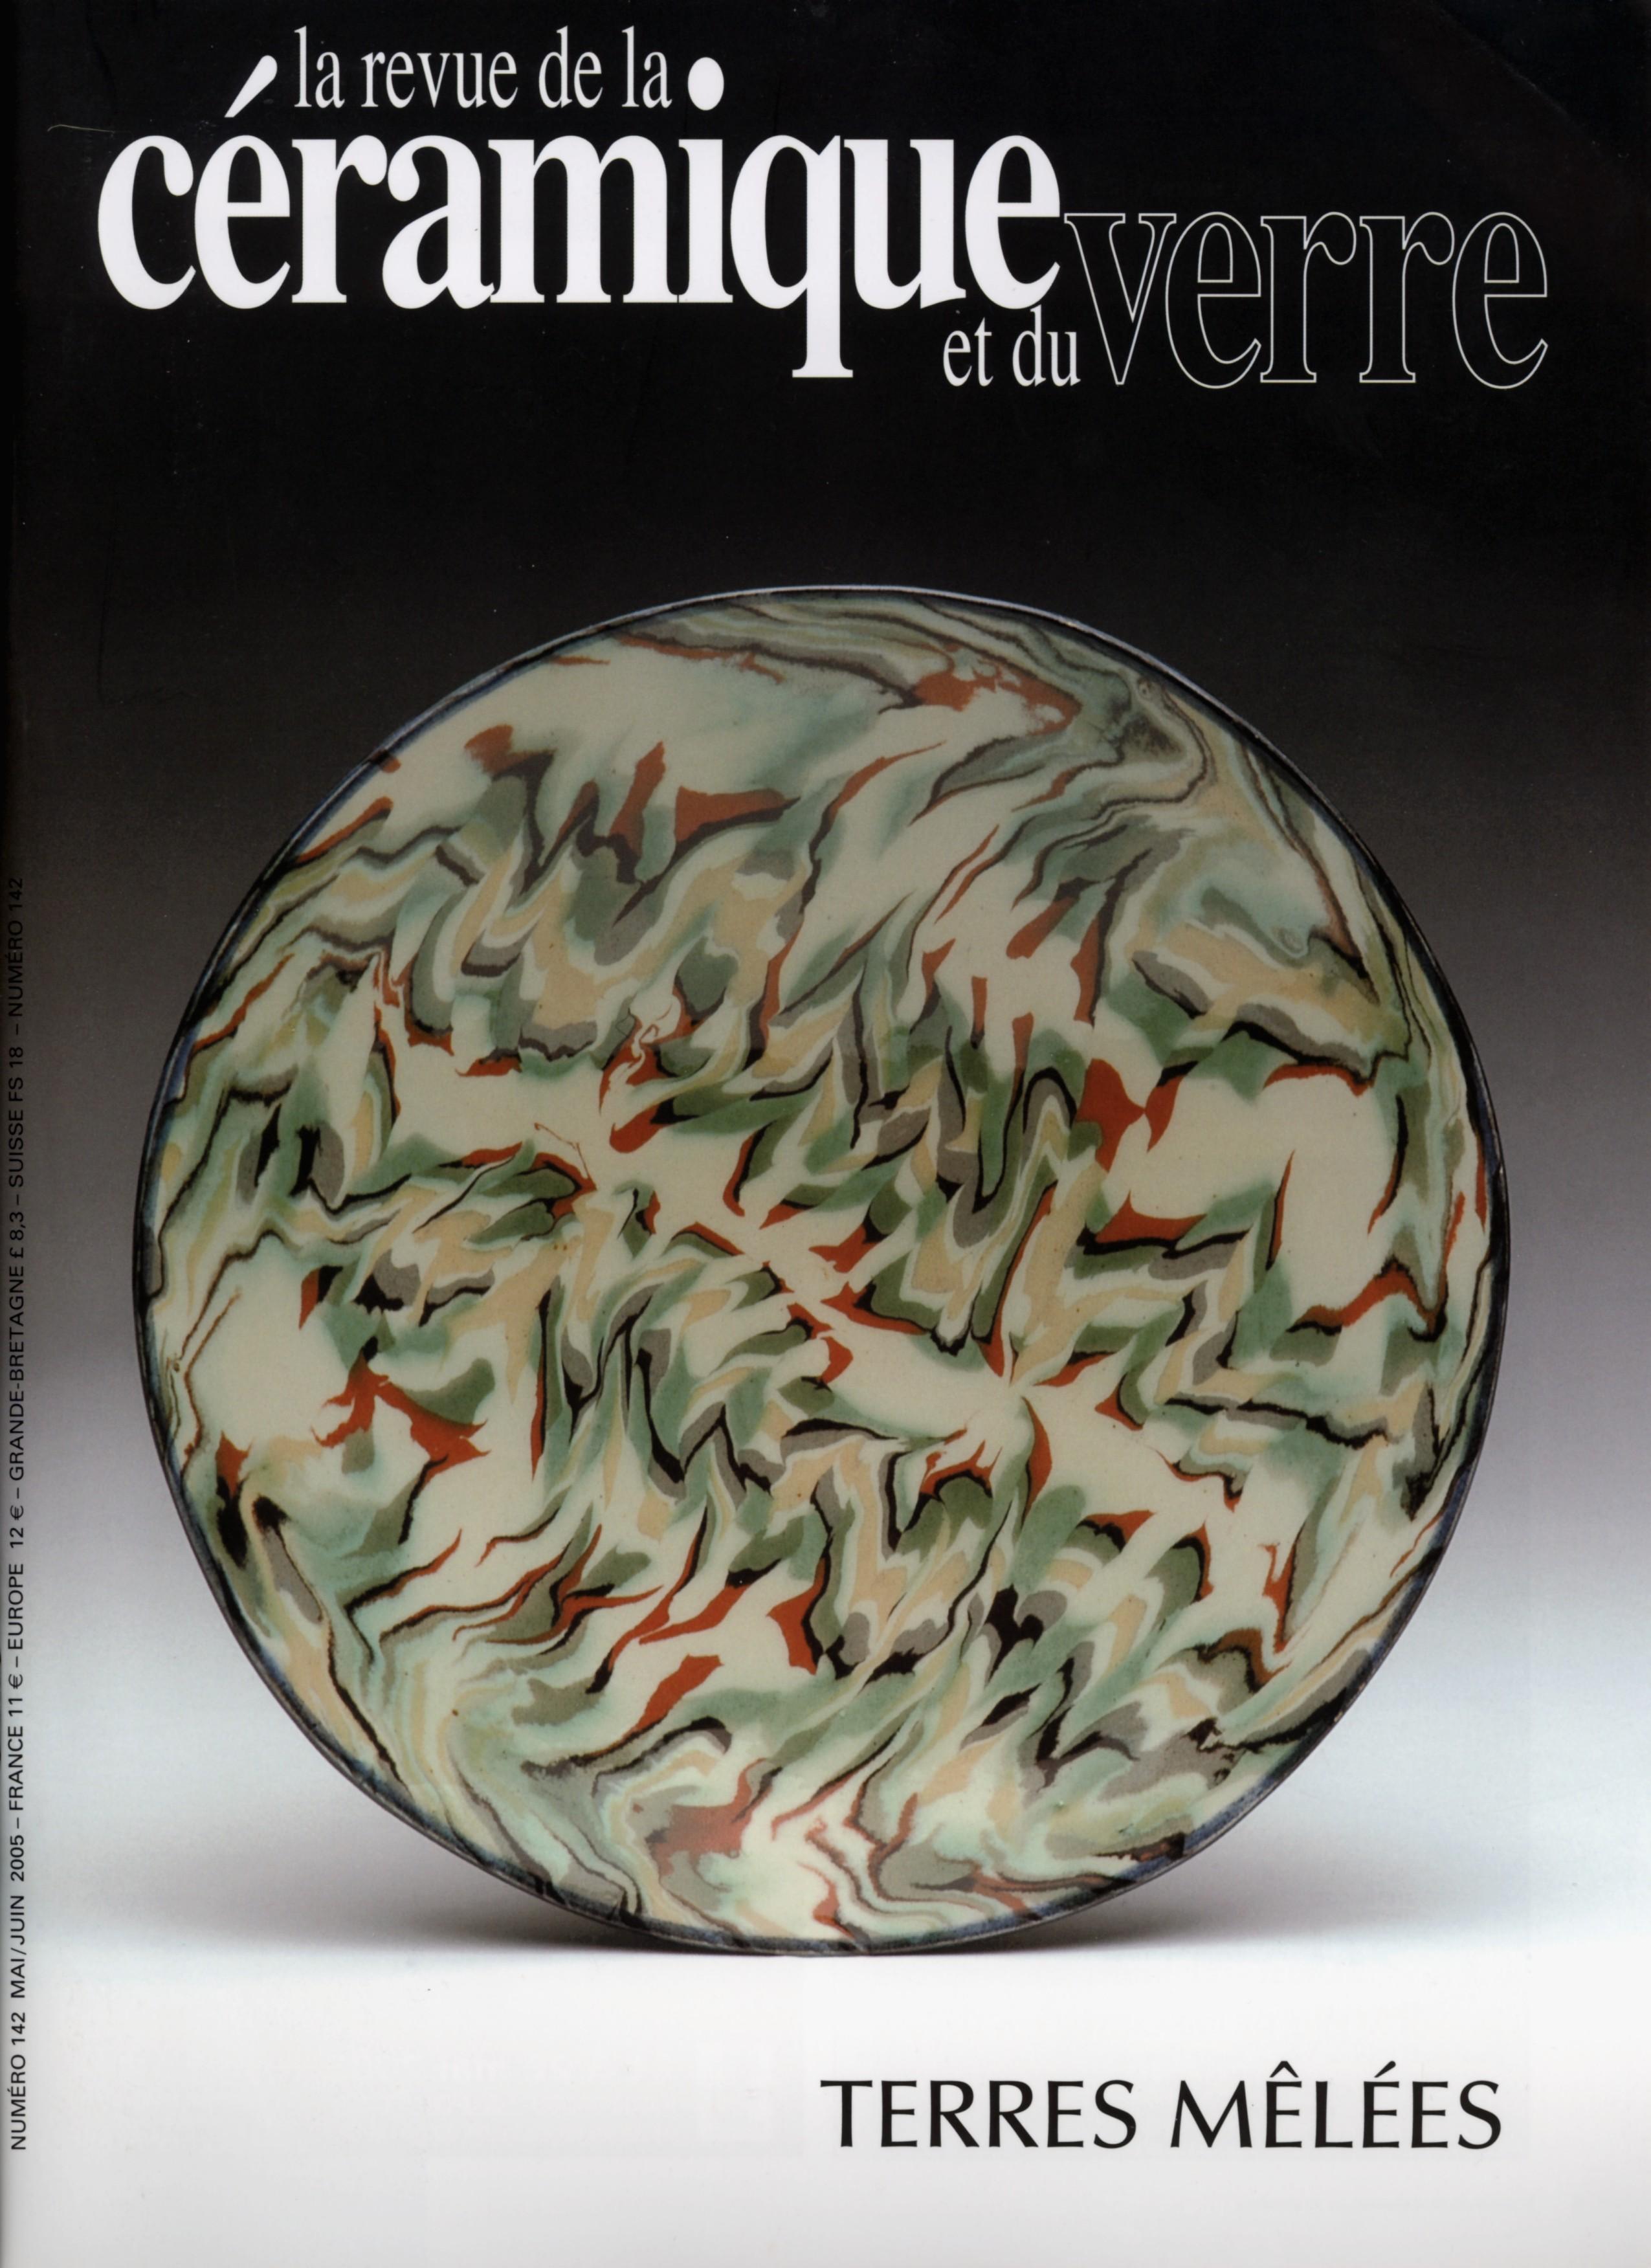 La revue de la céramique et du verrg